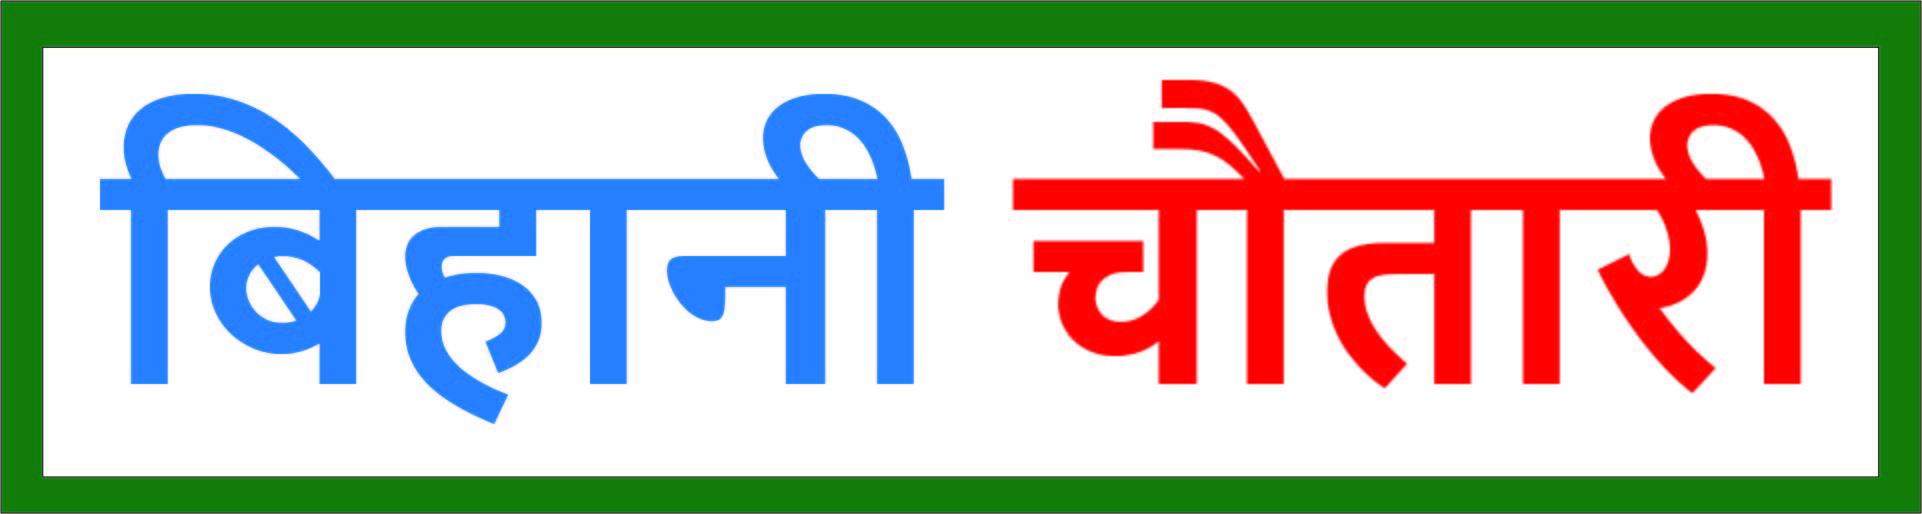 Bihani Chautari Banner Image